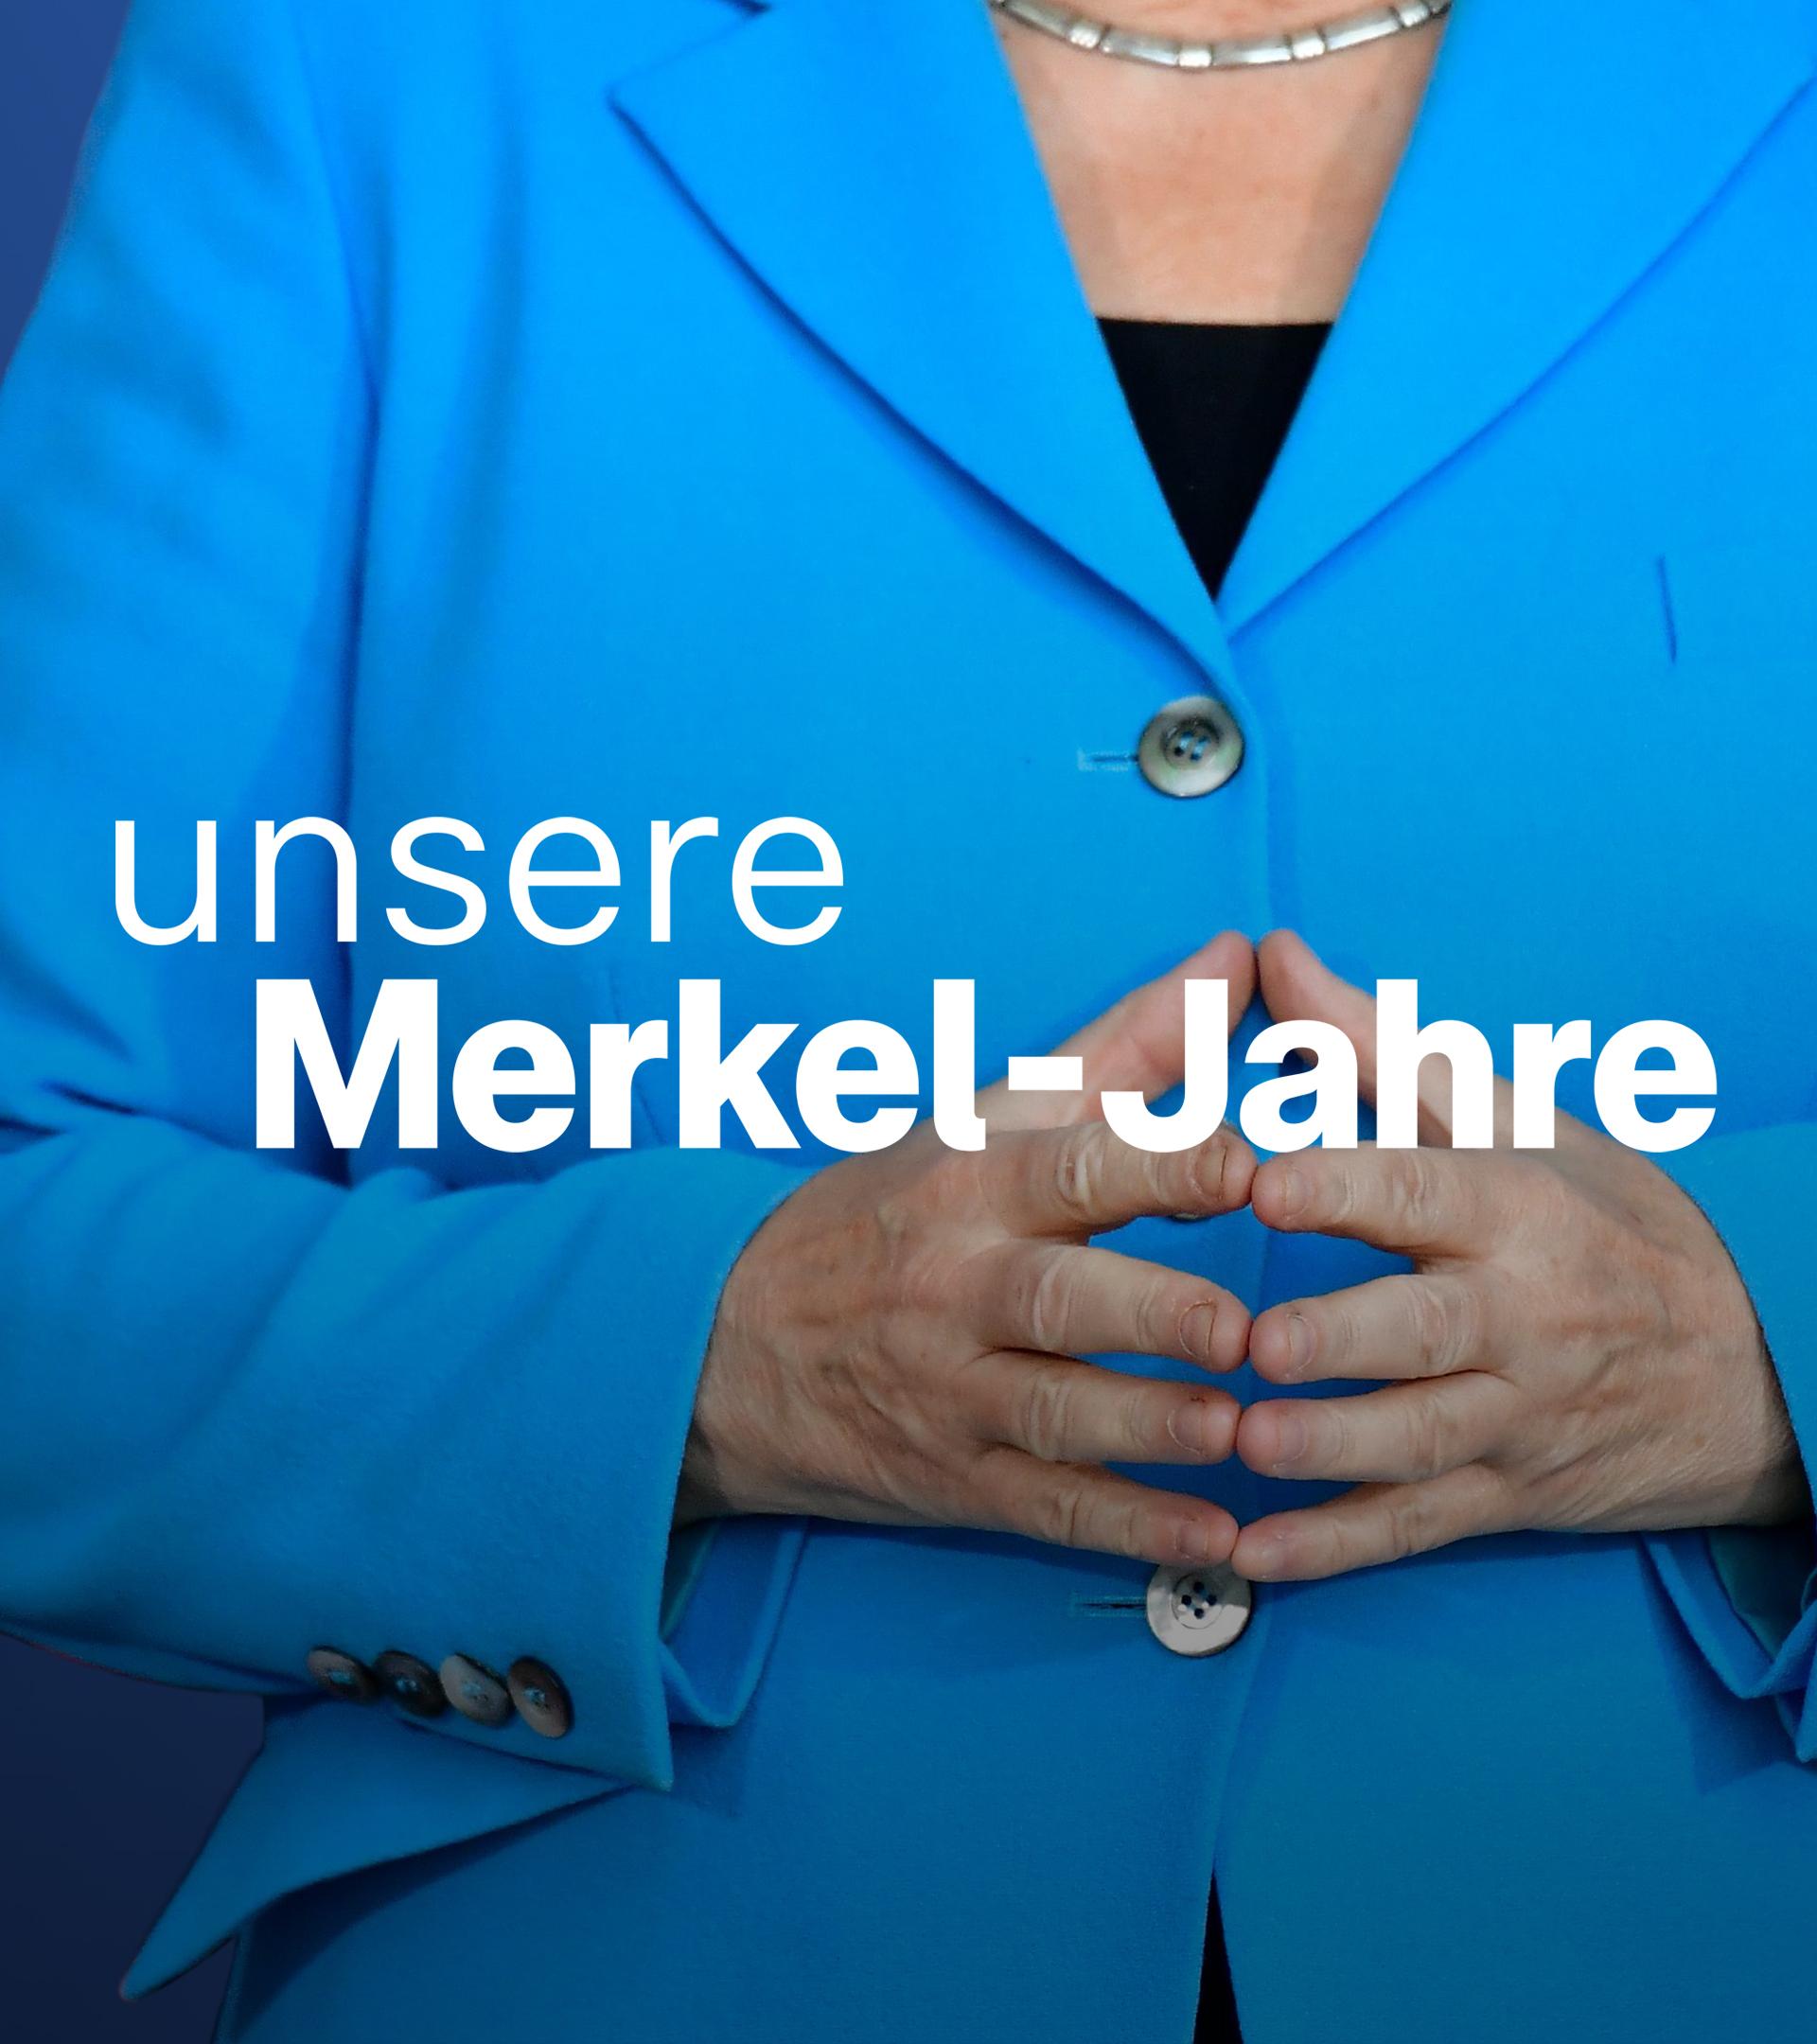 unsere Merkel-Jahre